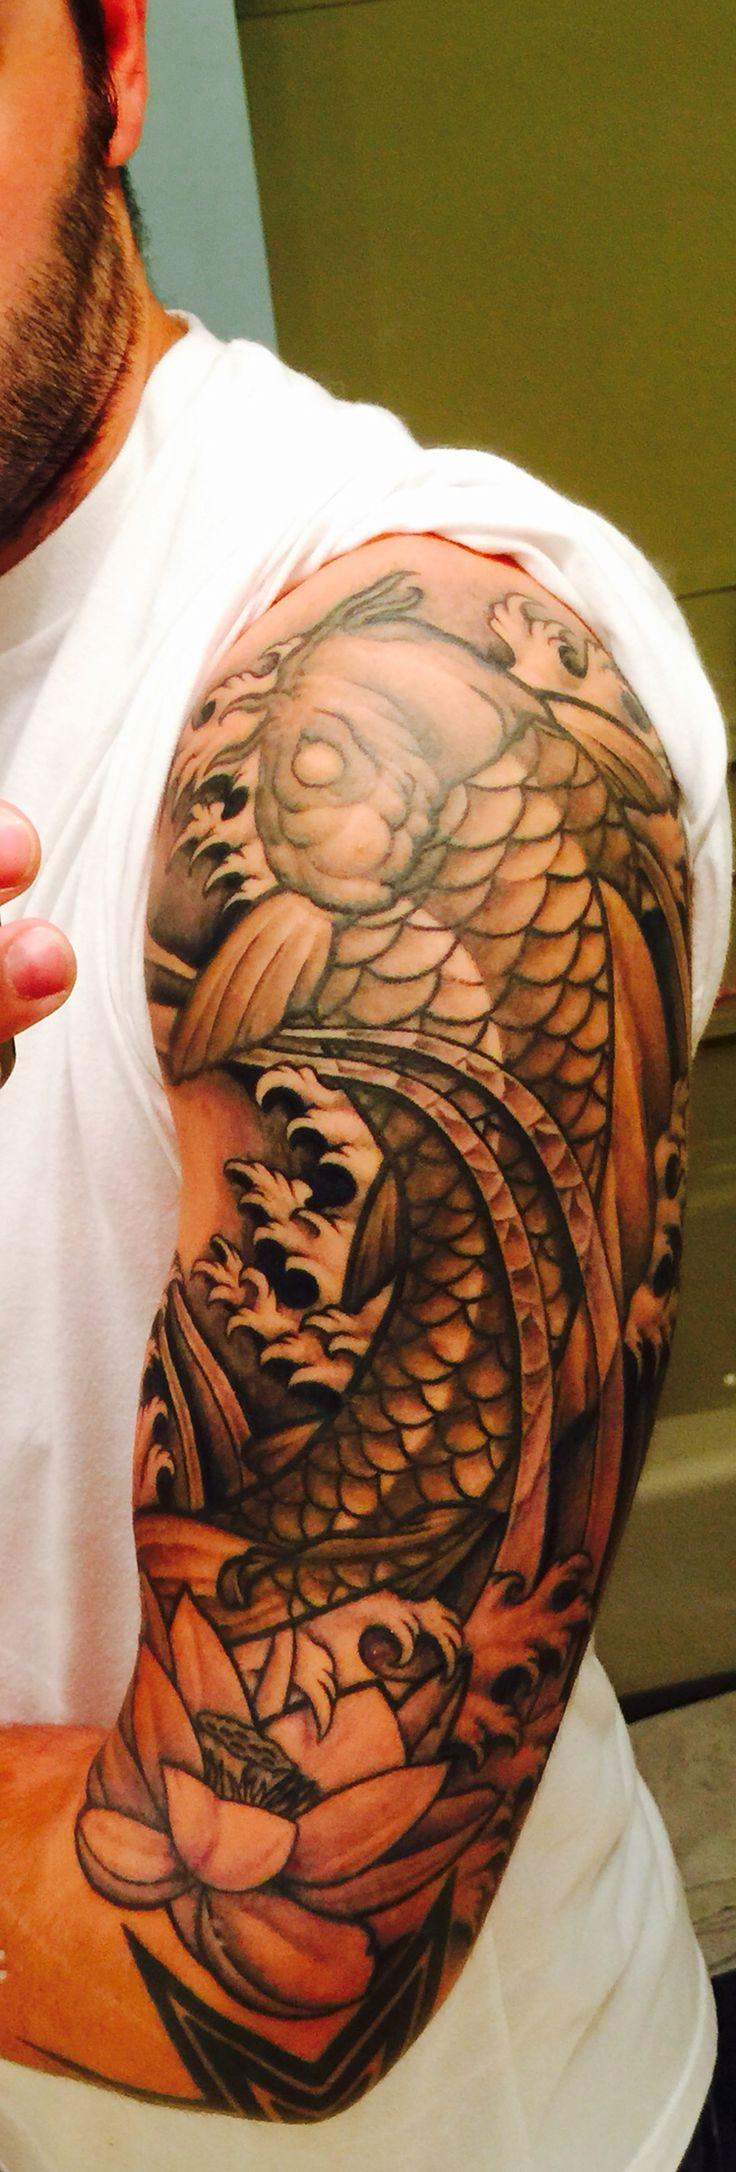 Koi fish tattoo #koi #tattoo #koifishtattoo